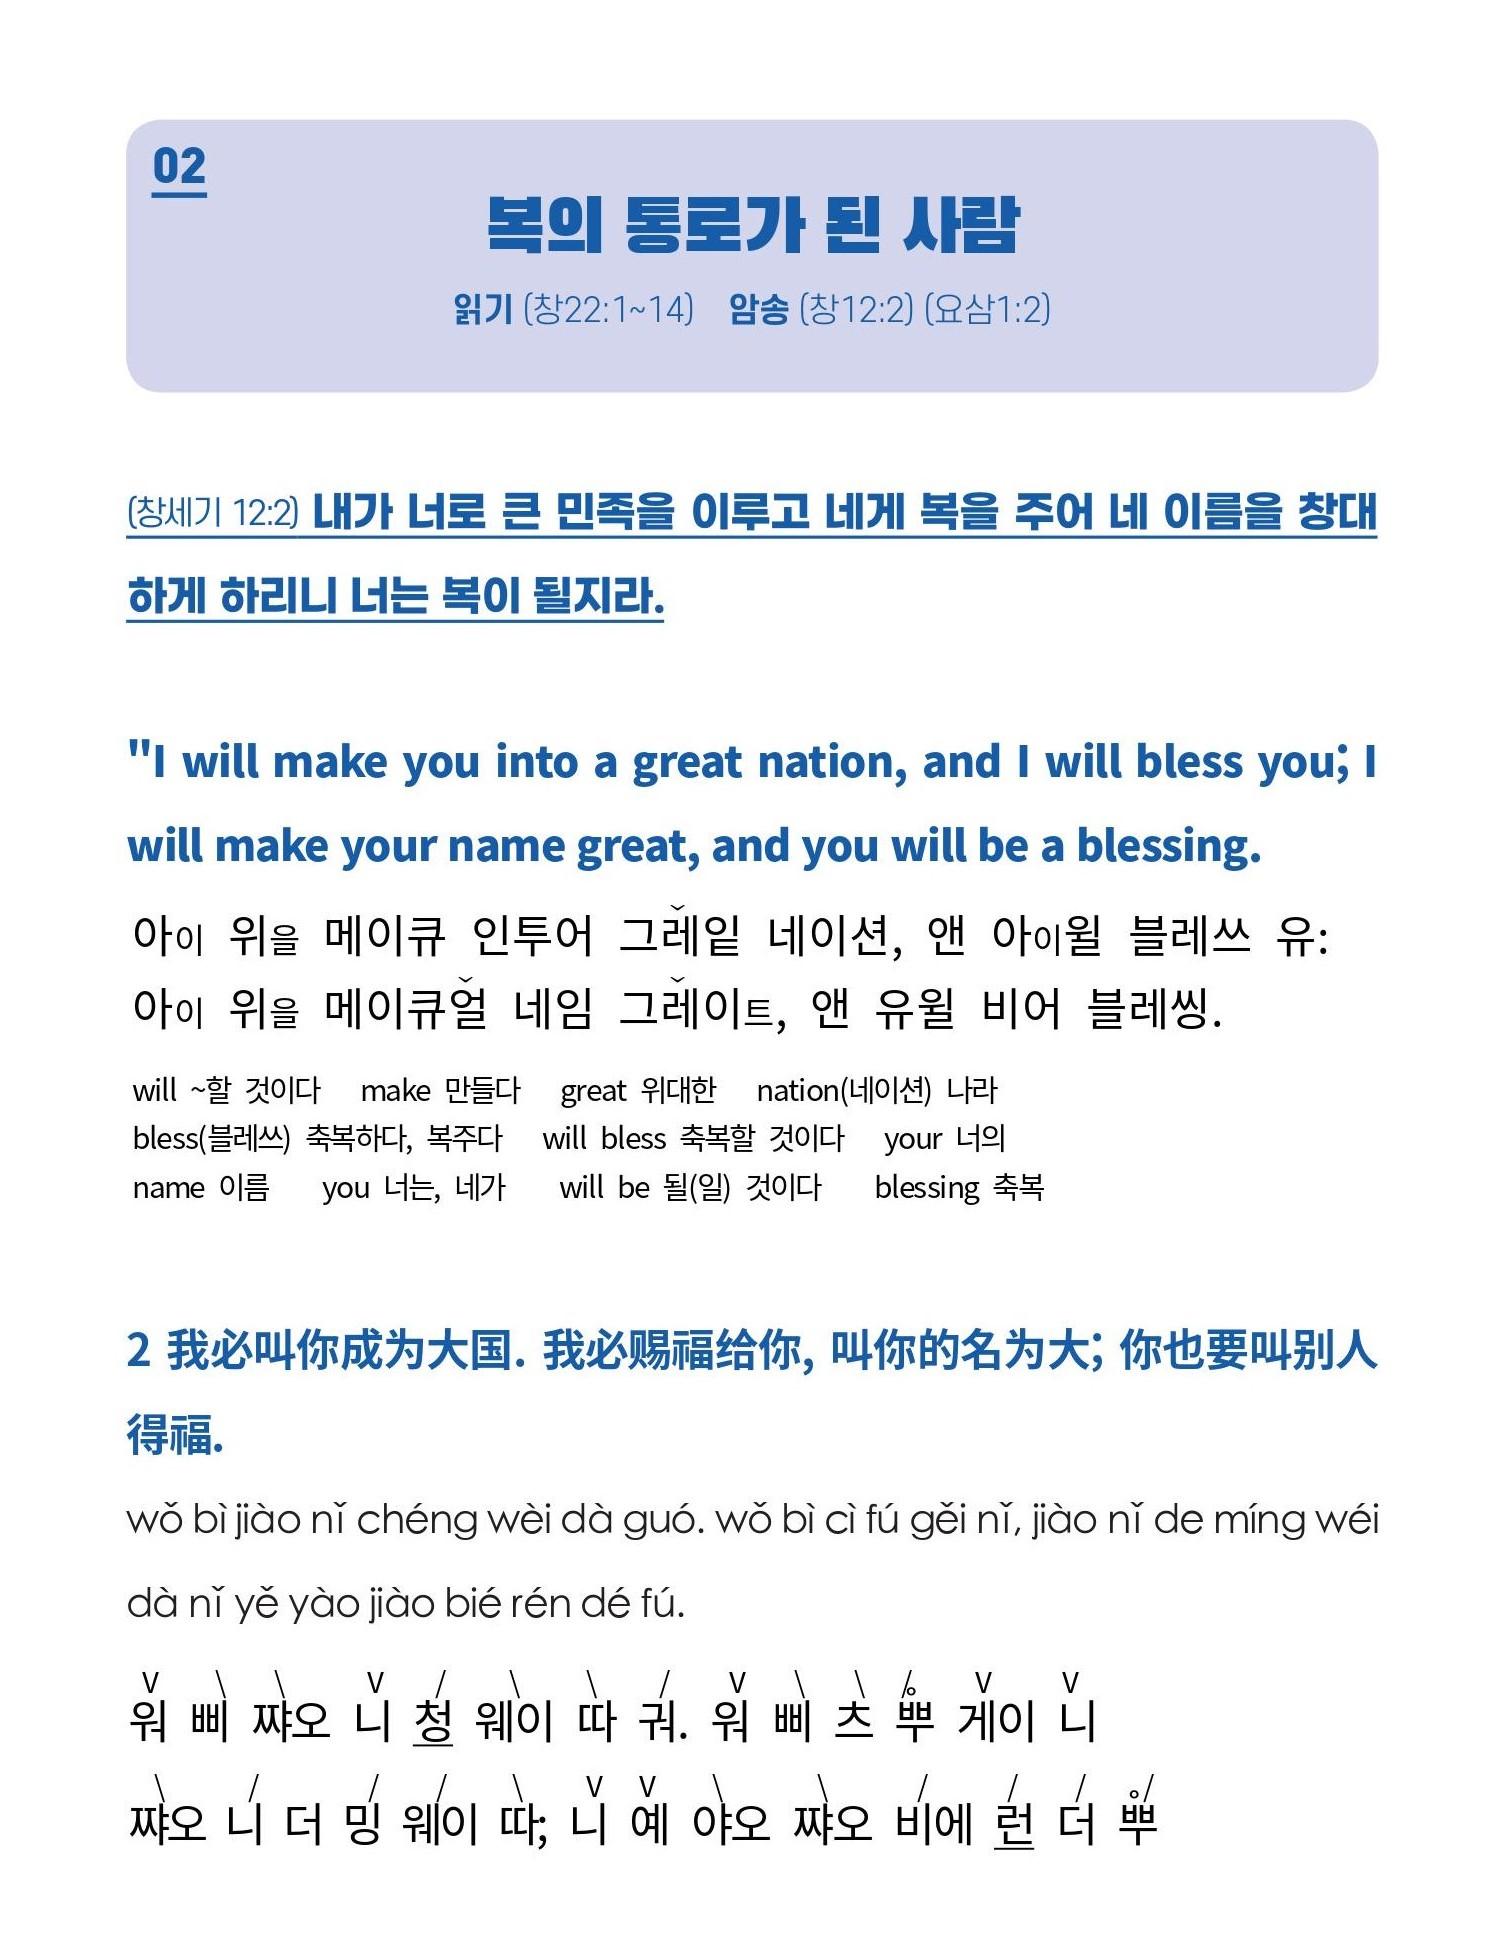 한∙영∙중 바이블 챔피언쉽(Bible Championship)